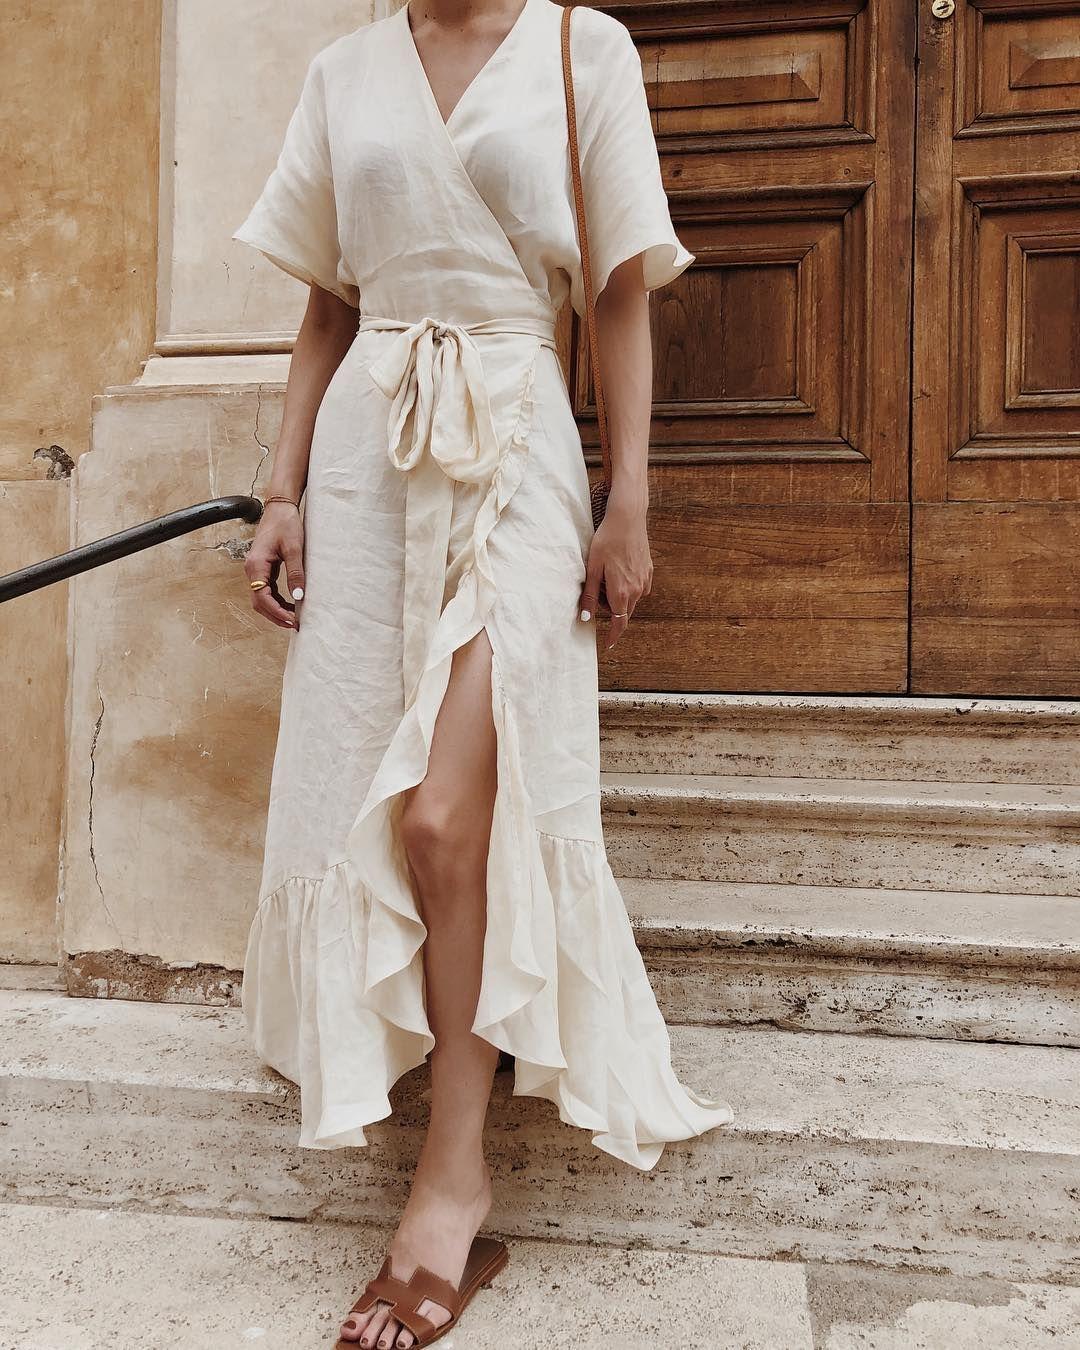 trang phục vải linen mùa Hè kiểu đầm 1